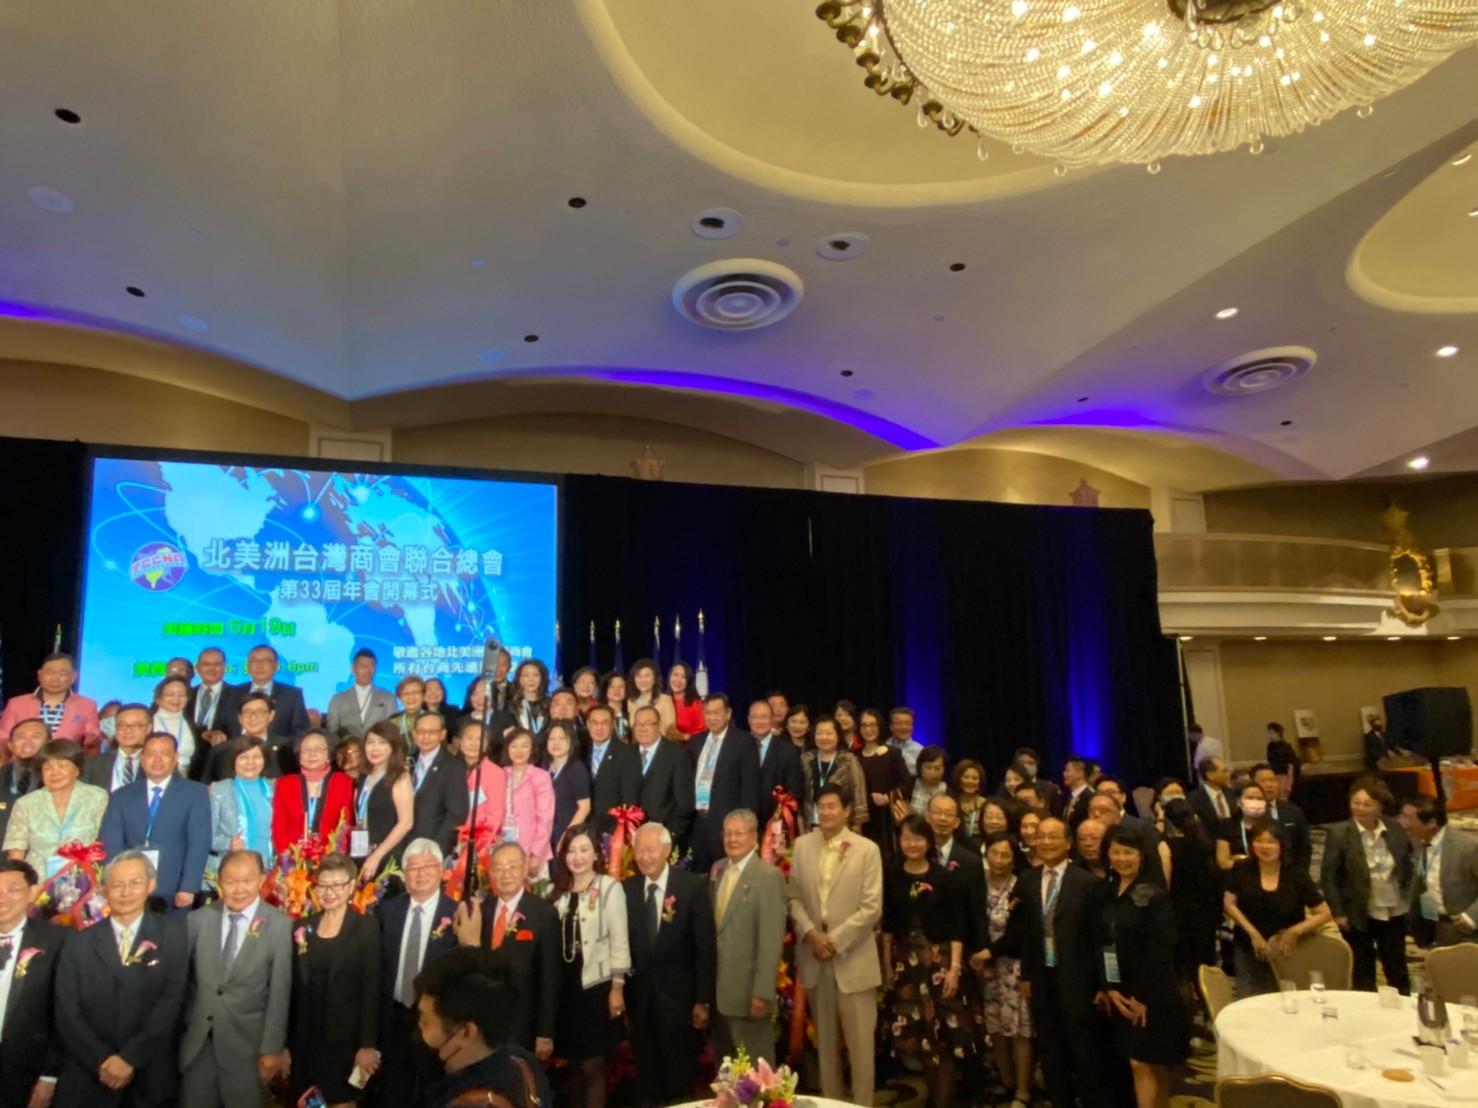 北美洲臺灣商會聯合總會第三十三屆開幕式